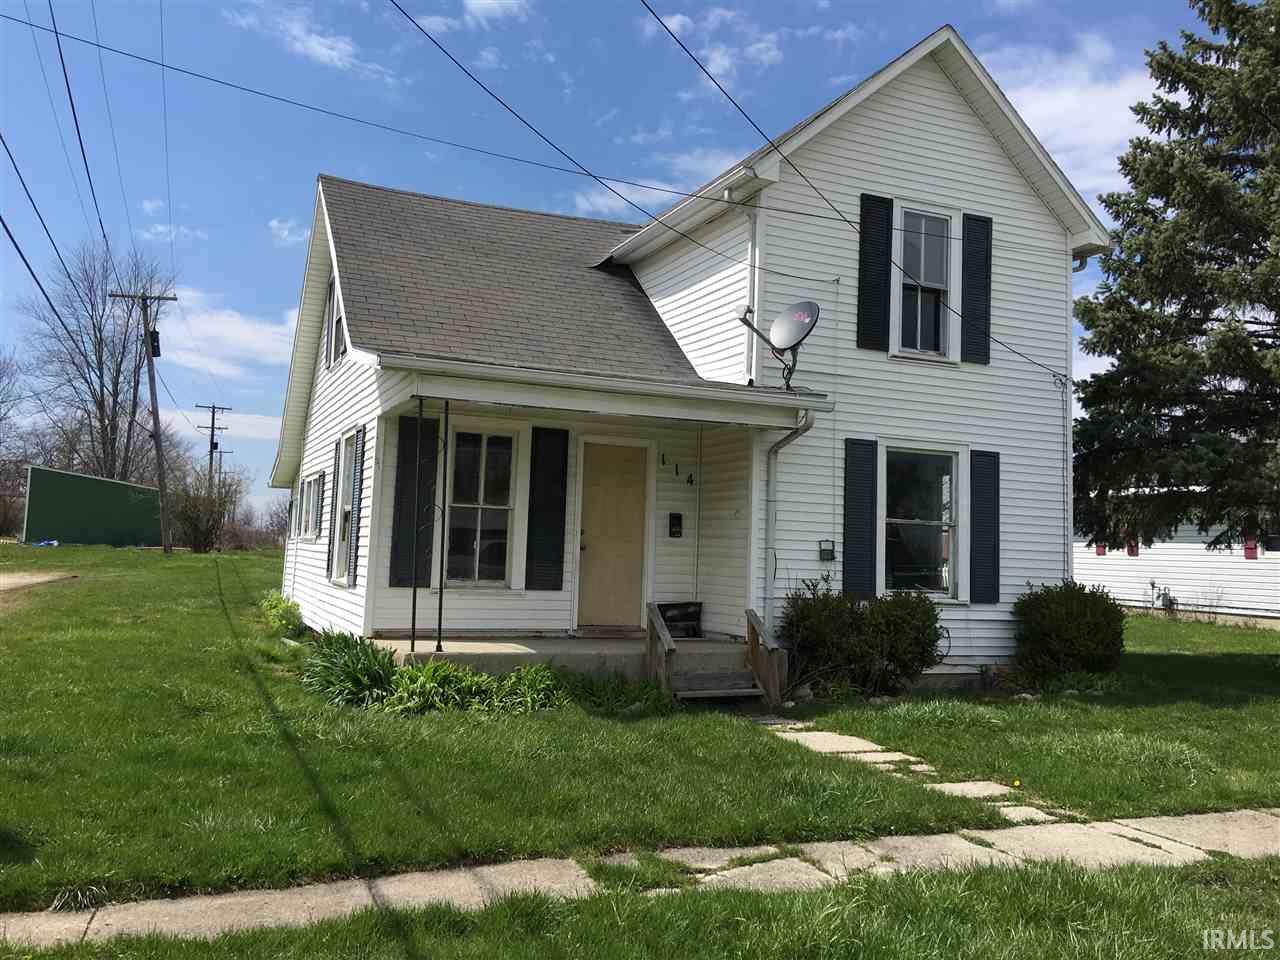 114 N Western Ave, Butler, IN 46721